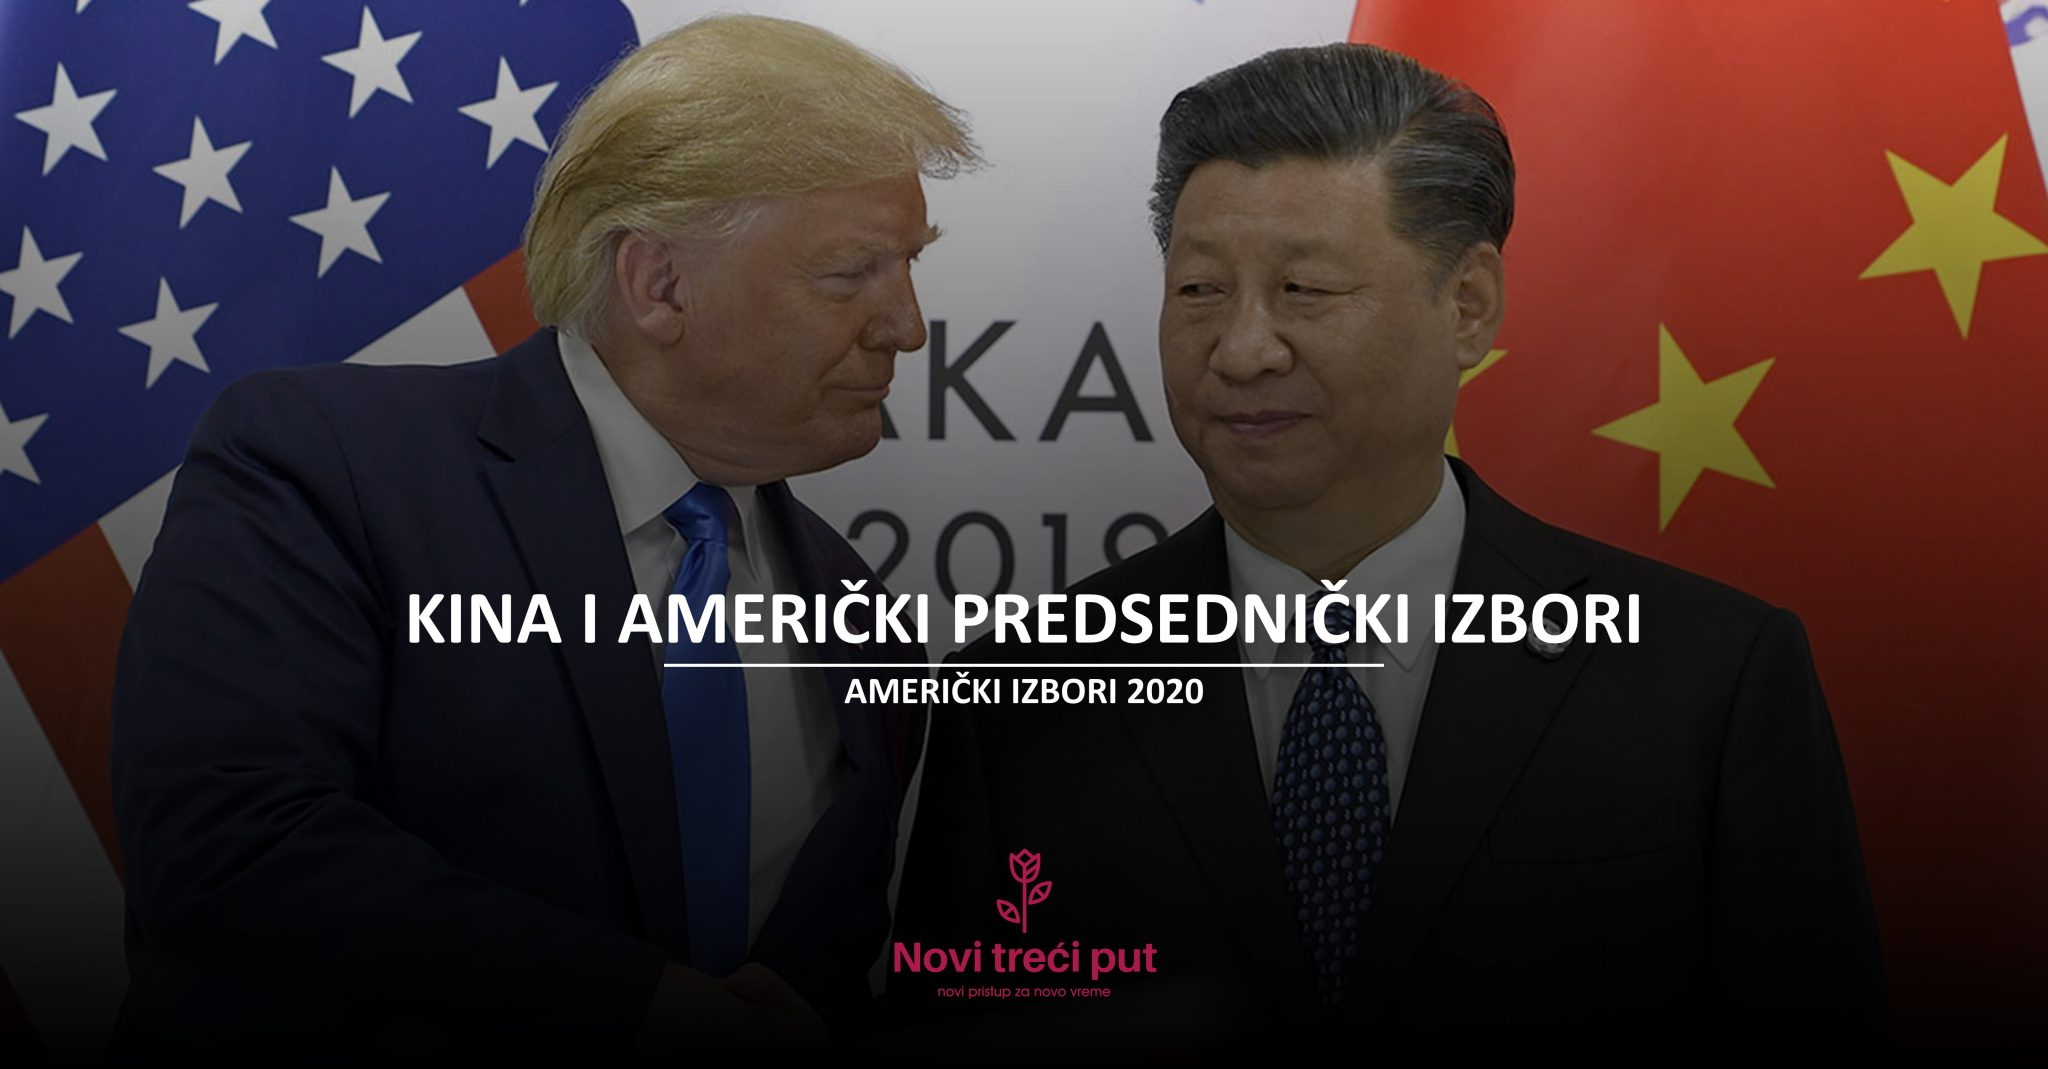 Kina i američki predsednički izbori